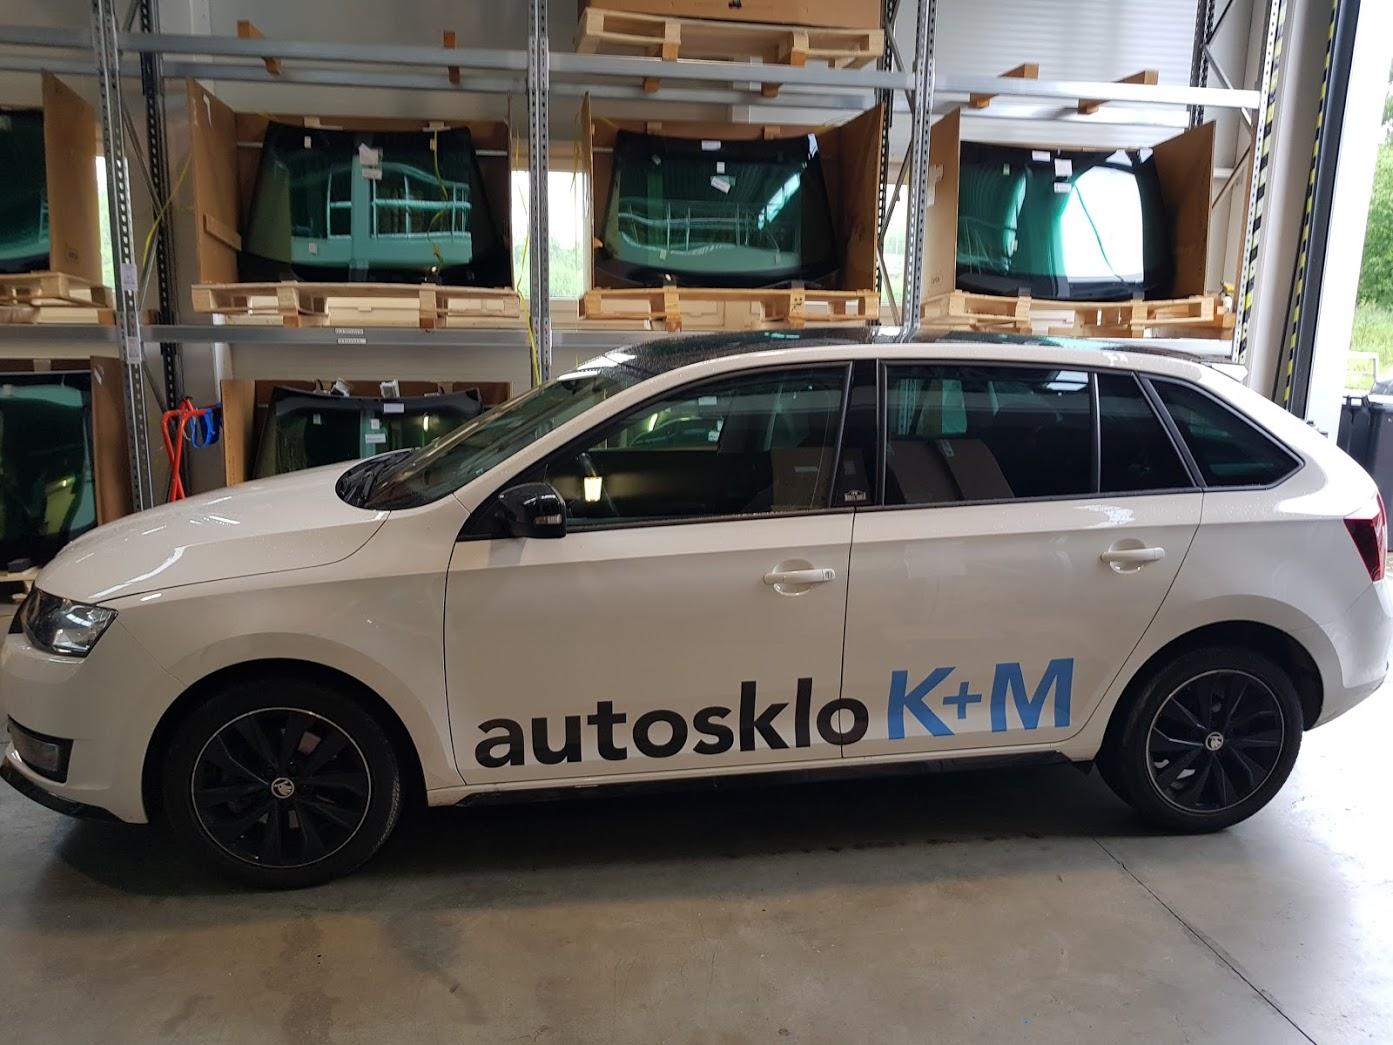 Škoda Rapid autosklo KM